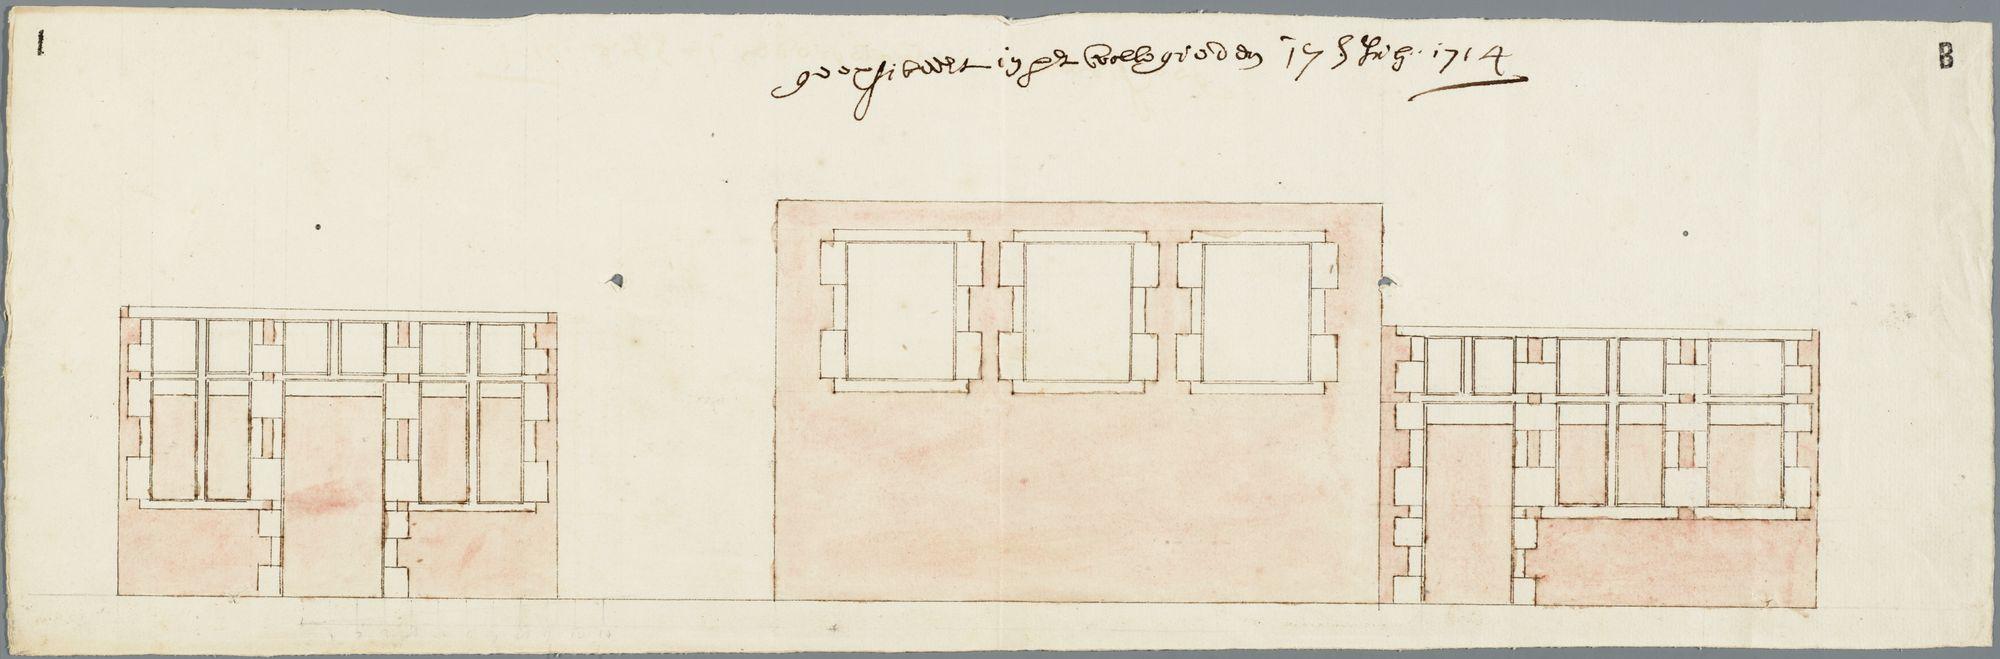 Gent: Baaisteeg, 1714: opstand gevelfragmenten